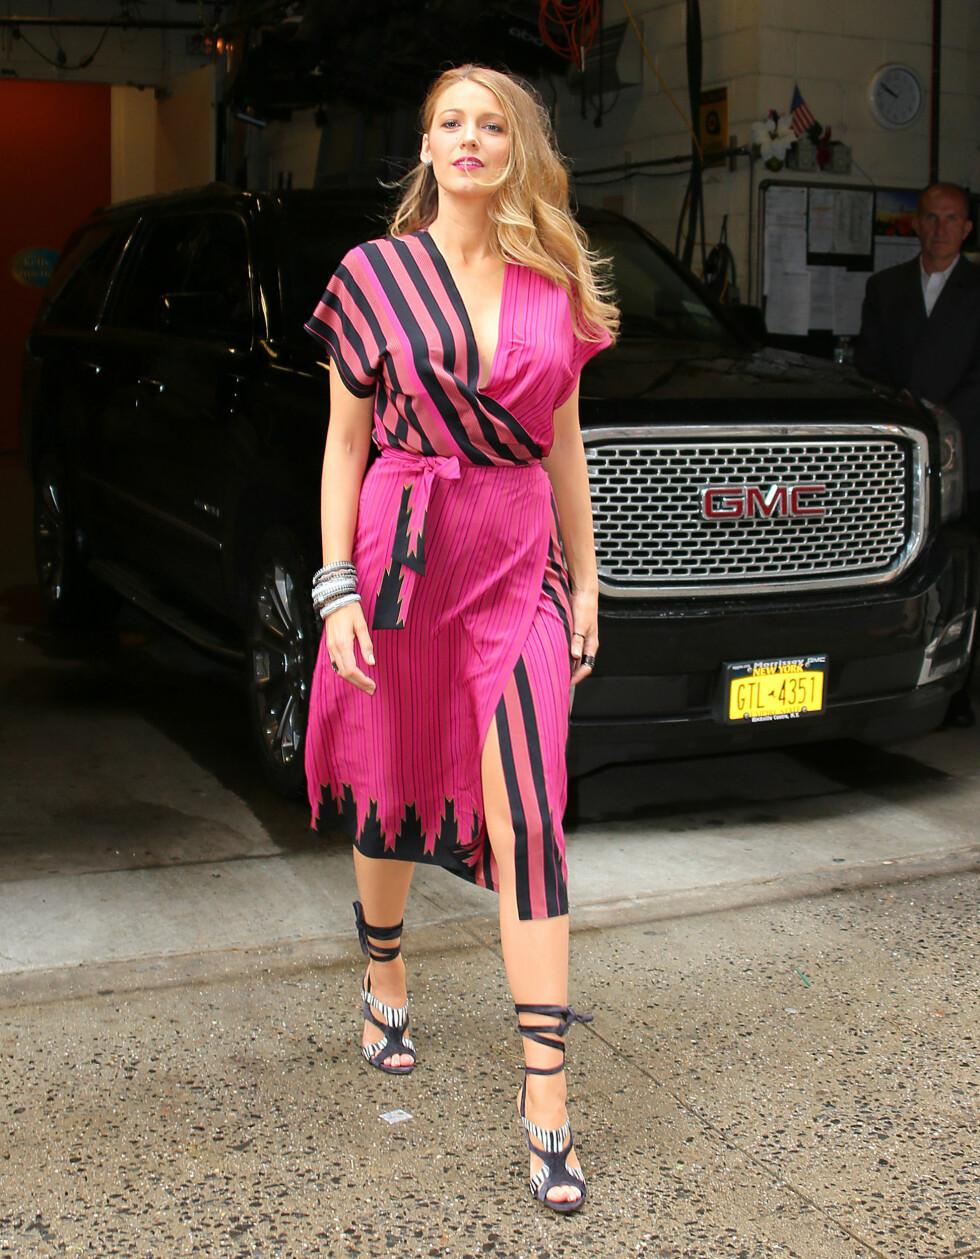 7. Da hun kom ut i denne sprakende rosa kjolen, etter å ha vært på «Live with Michael and Kelly» i New York. Foto: NTB Scanpix